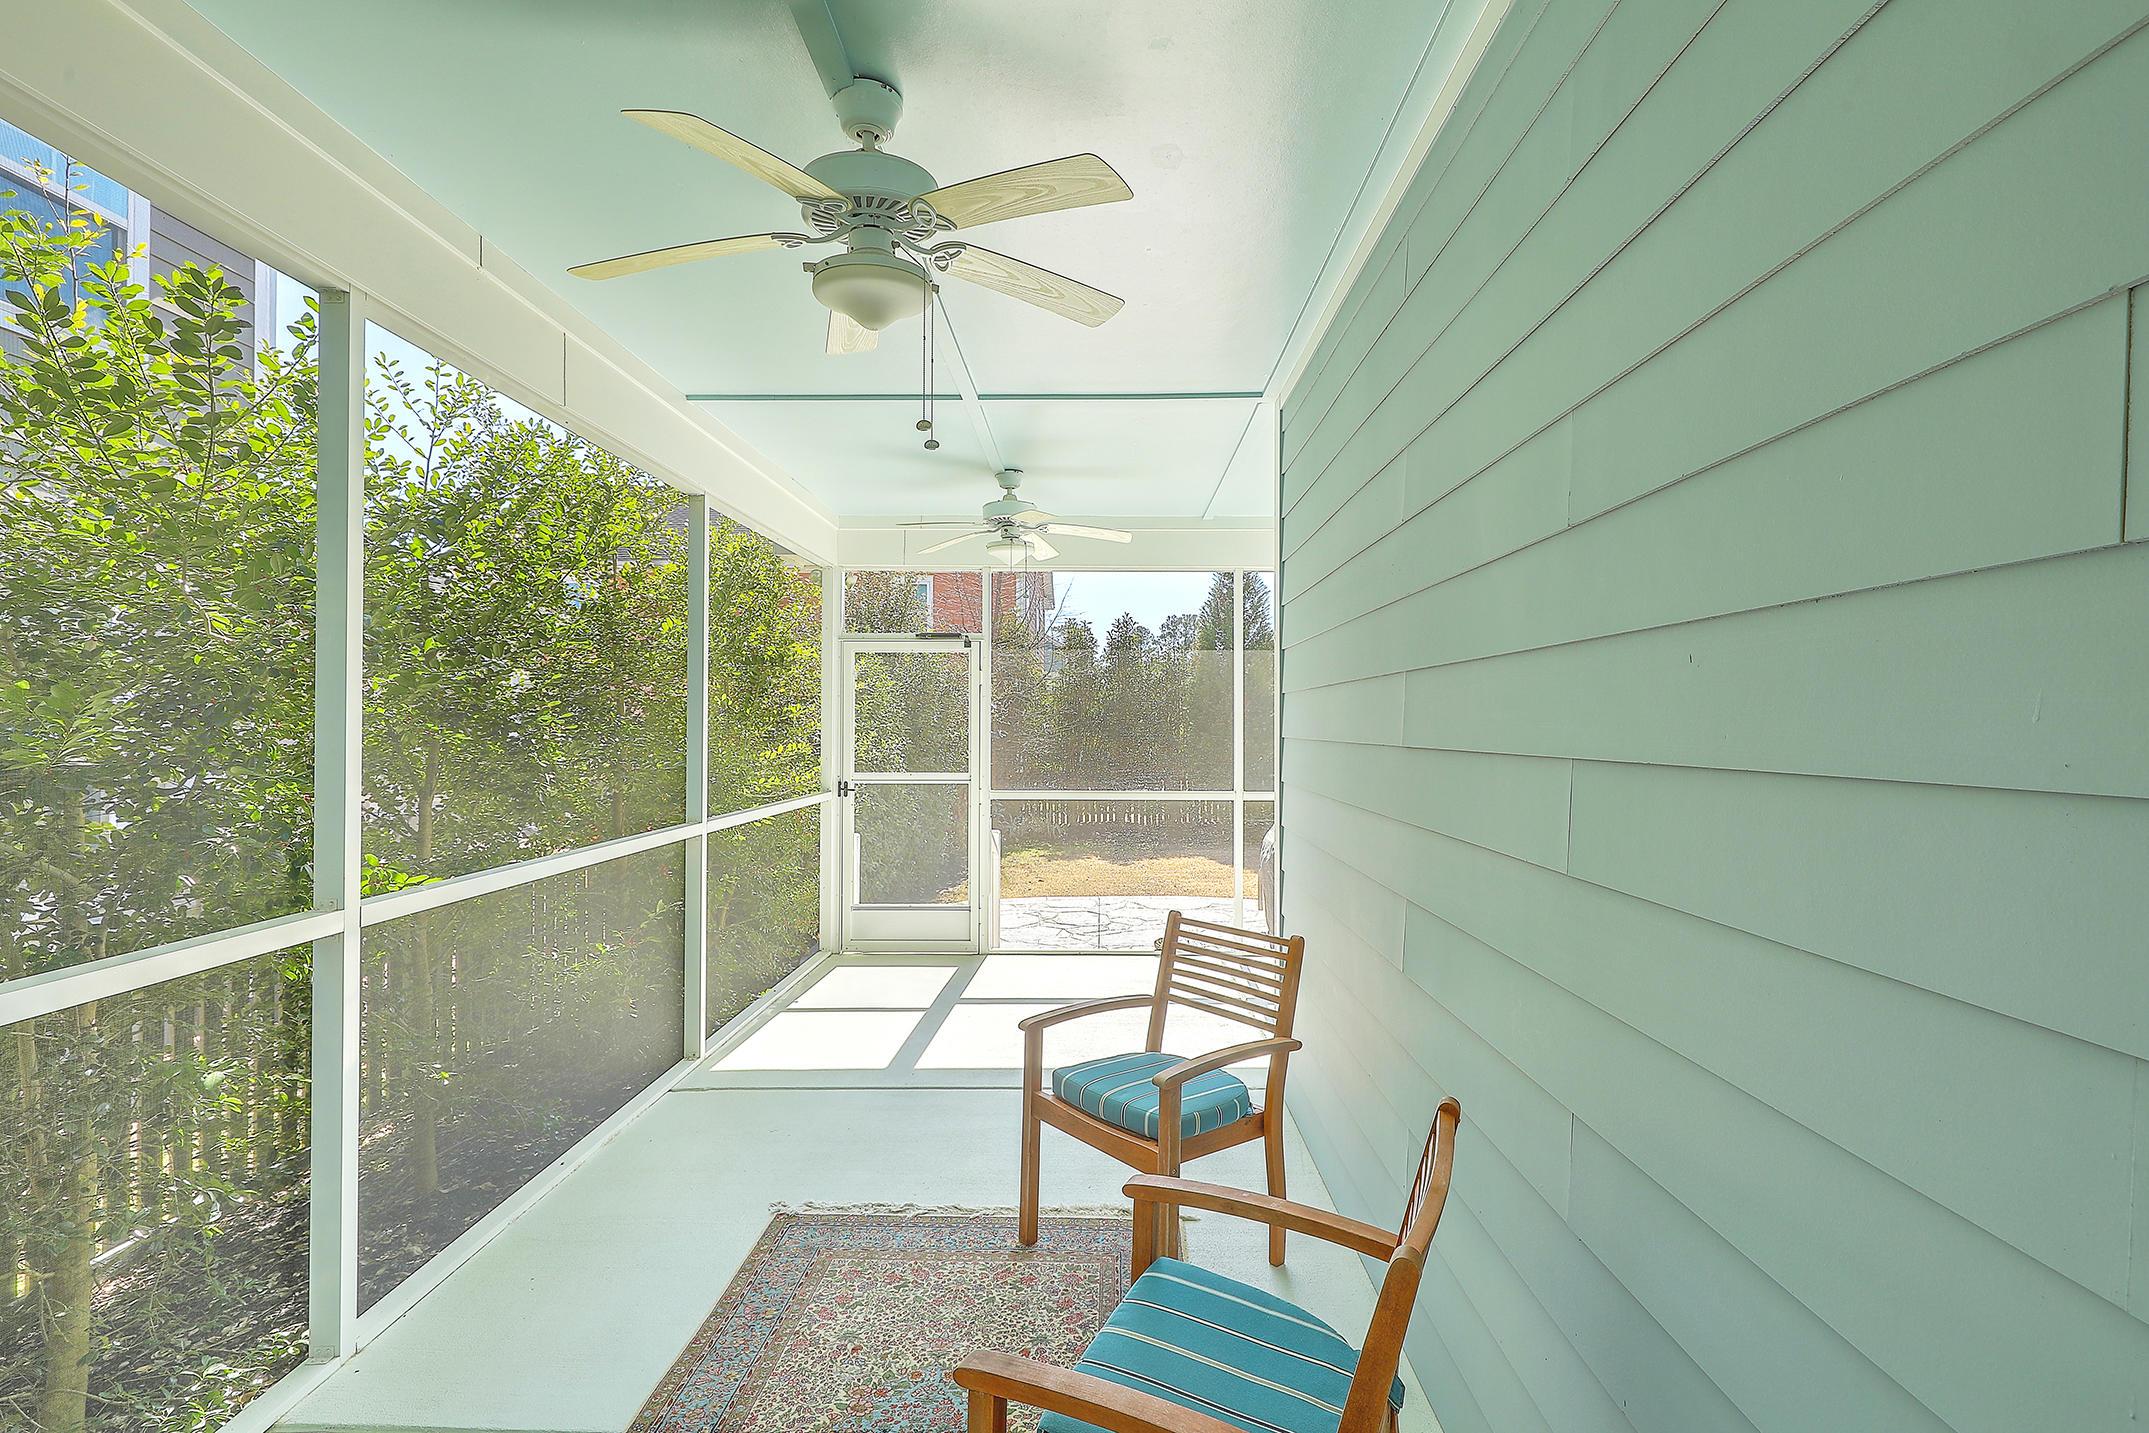 Carnes Crossroads Homes For Sale - 627 Van Buren, Summerville, SC - 10